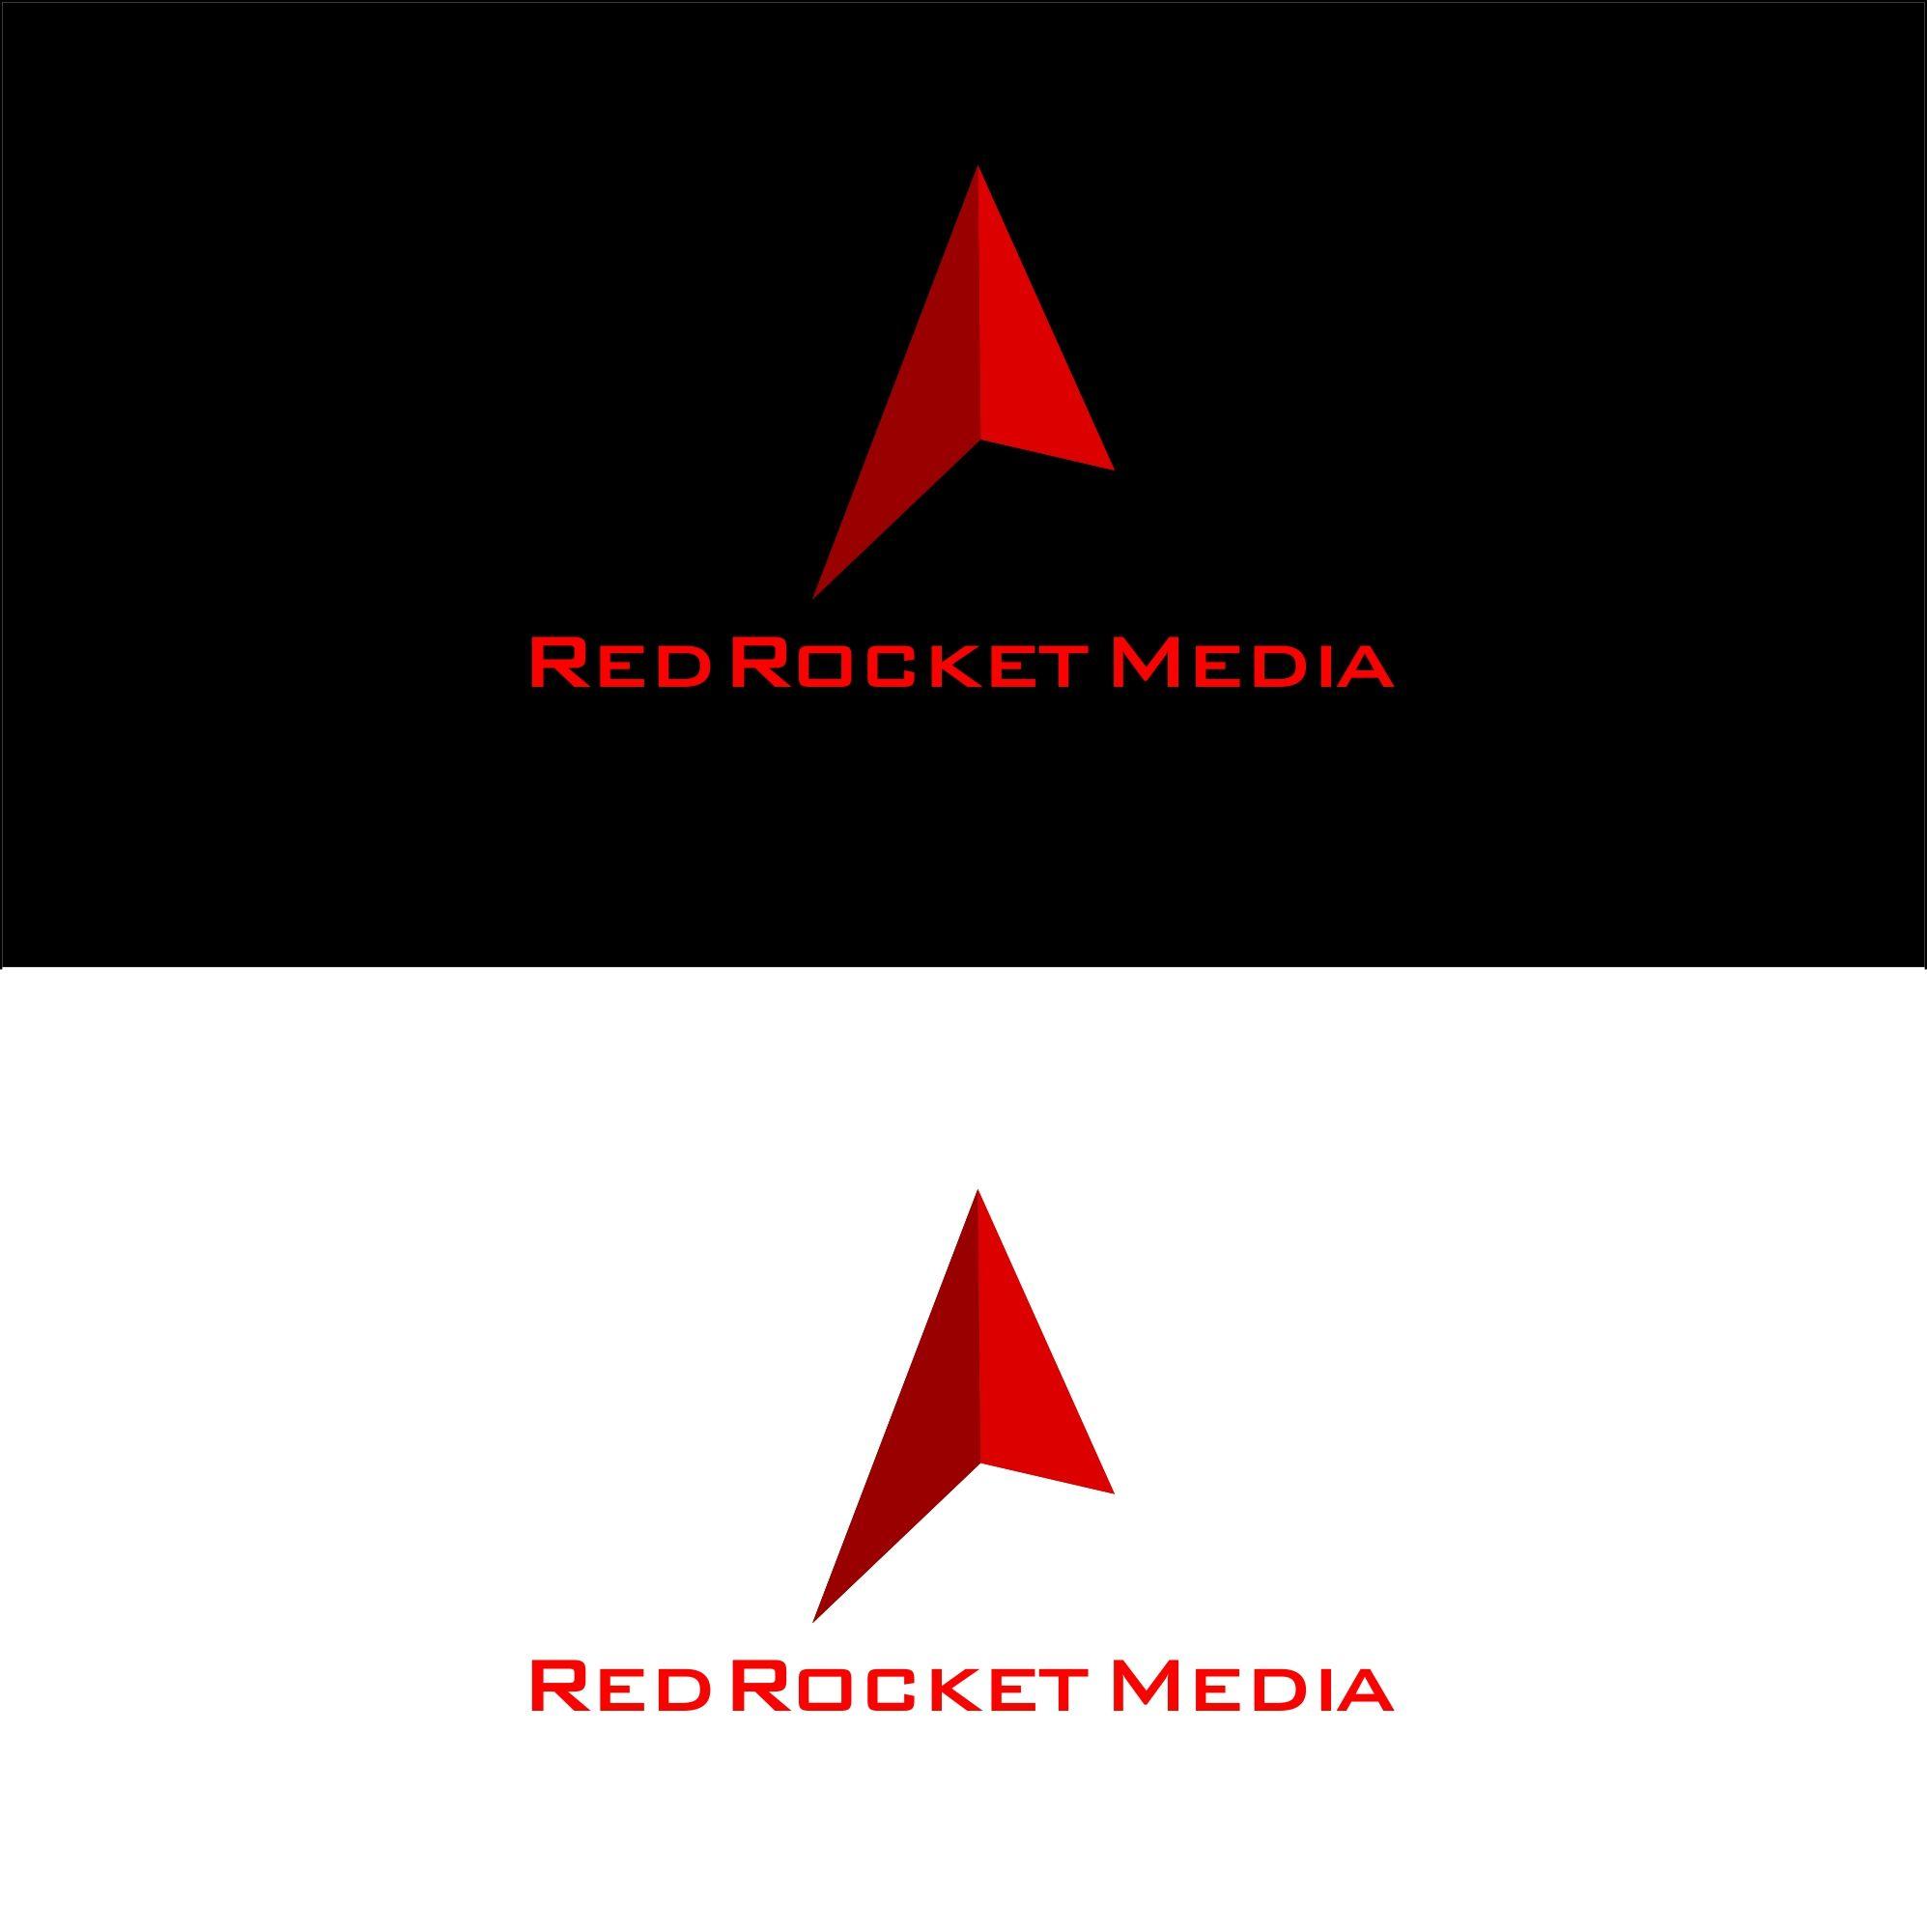 Лого и фирменный стиль для RedRocketMedia - дизайнер trojni